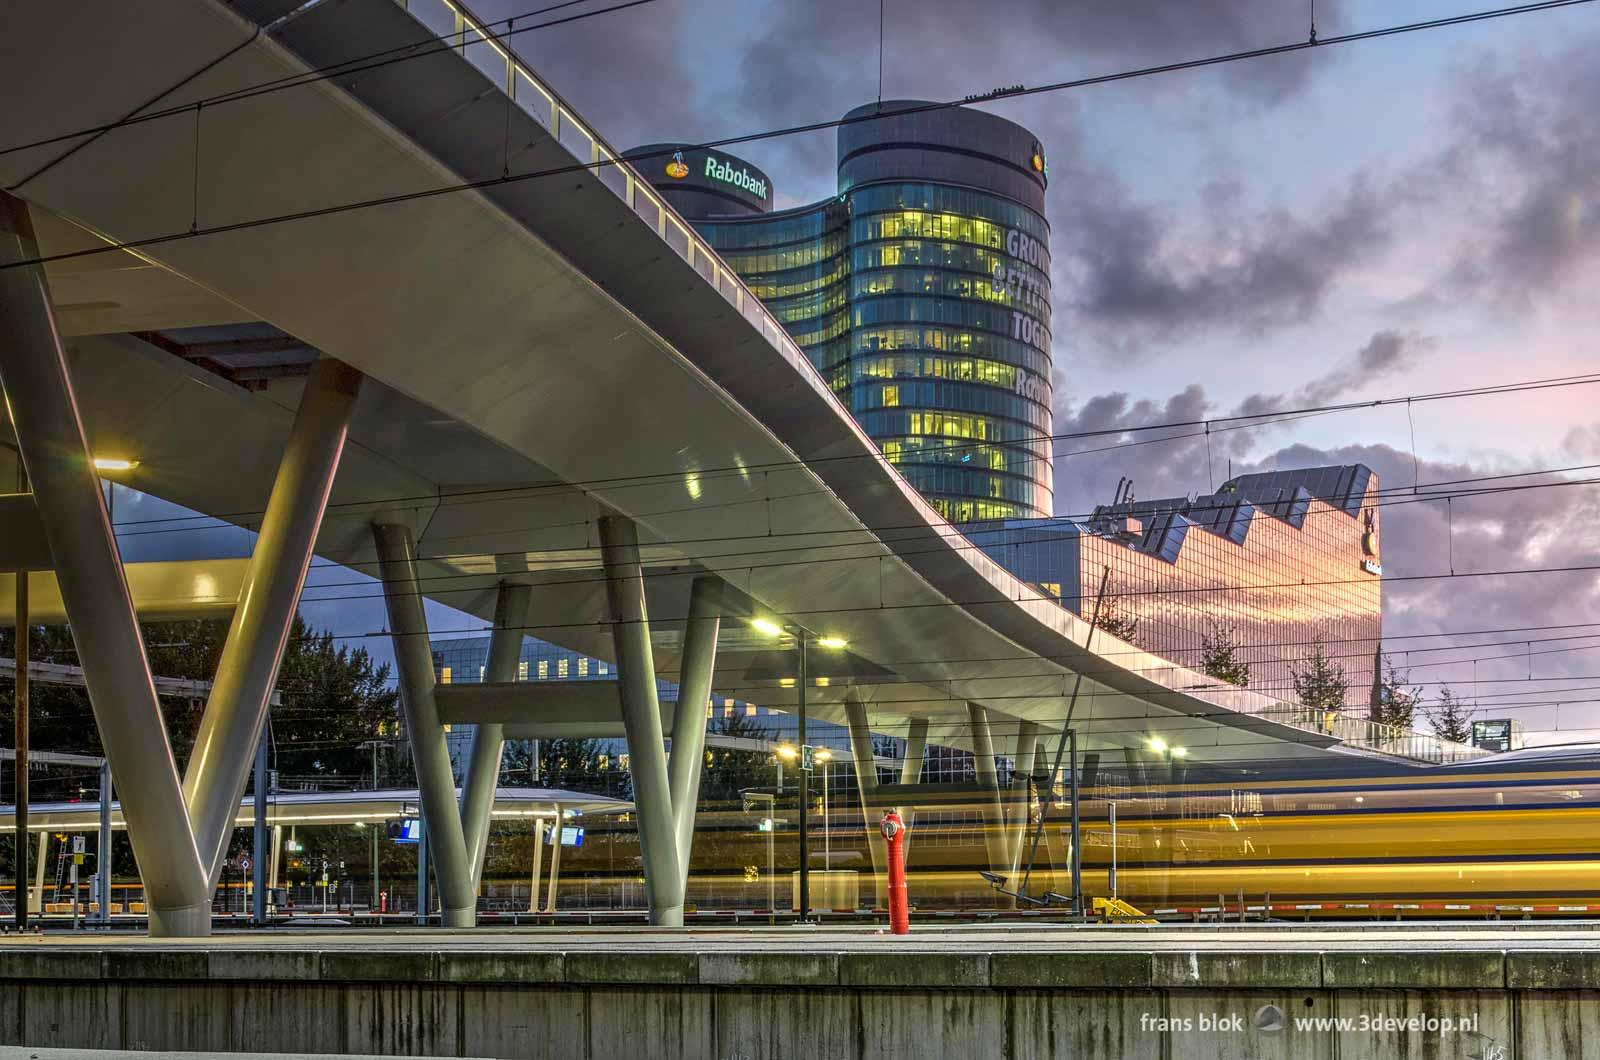 Foto gemaakt vanaf het perron op station Utrecht Centraal tijdens het blauwe uur, met de nieuwe voetgangersbrug, het gebouw van de Rabobank en een passerende trein.